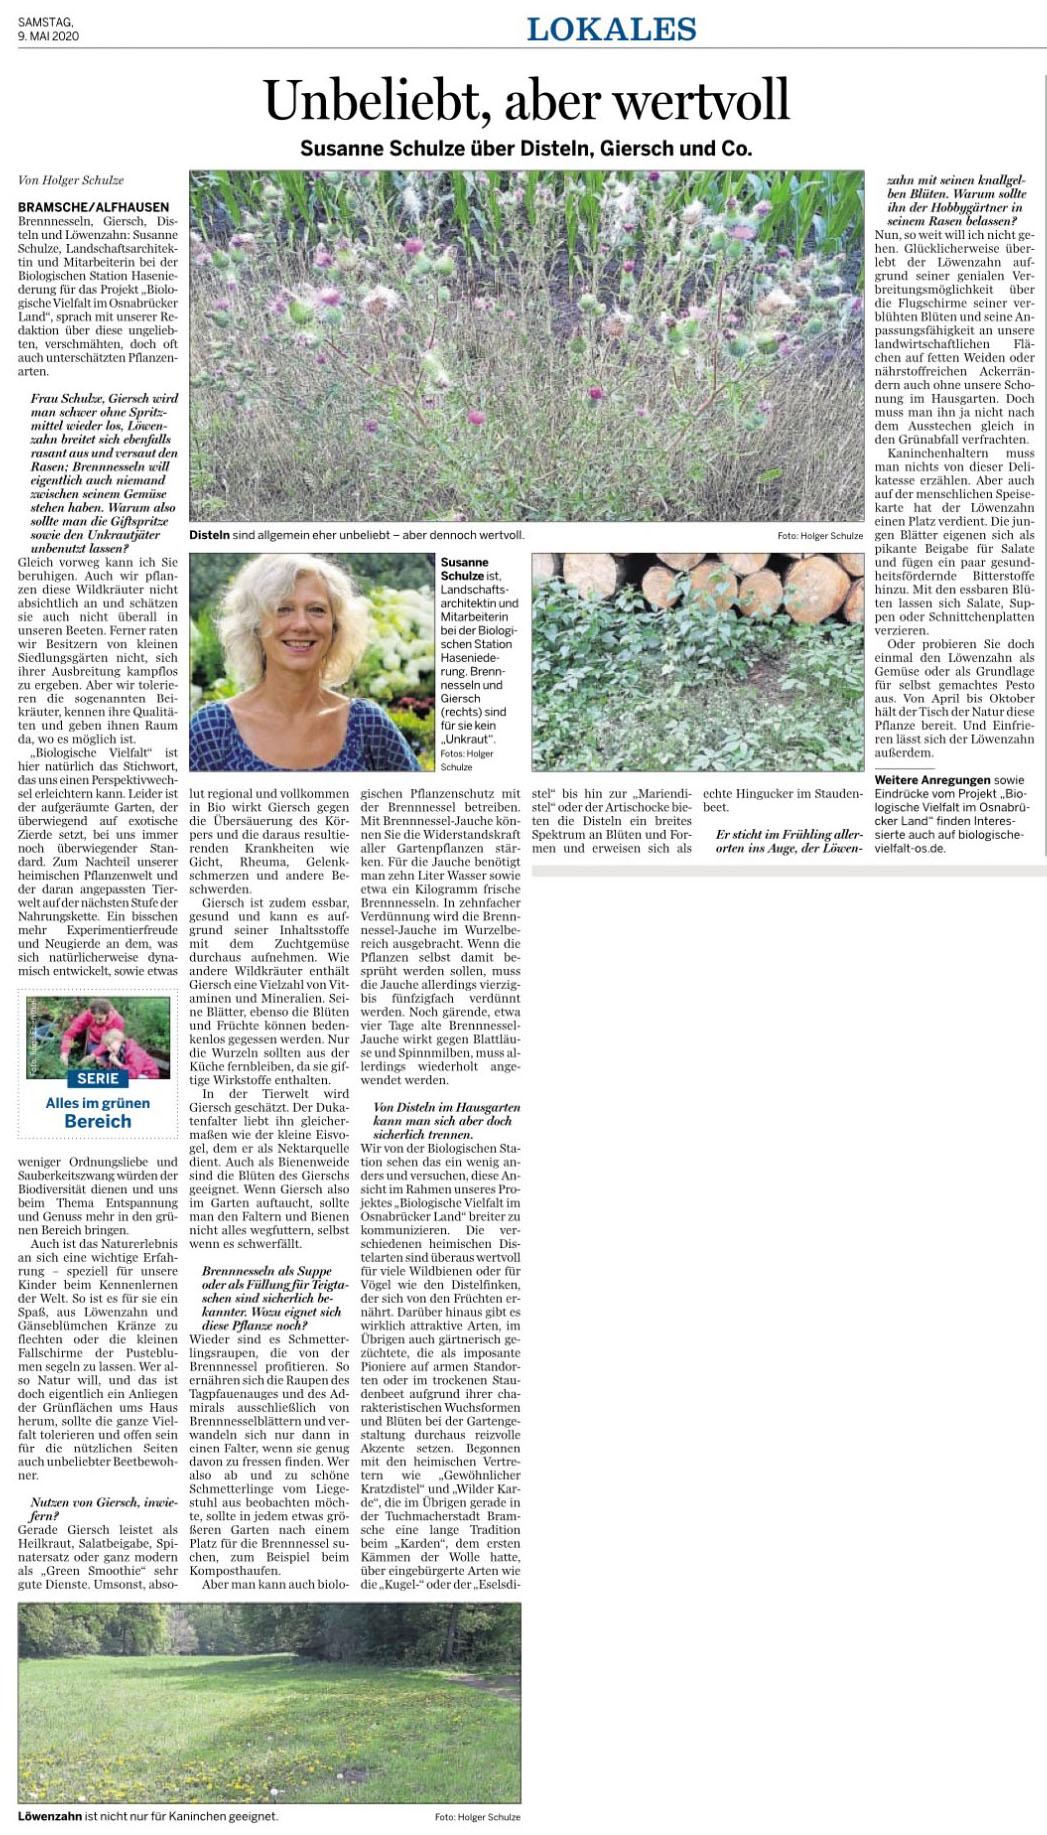 Zeitungsartikel über unbeliebte aber wertvolle Pflanzen